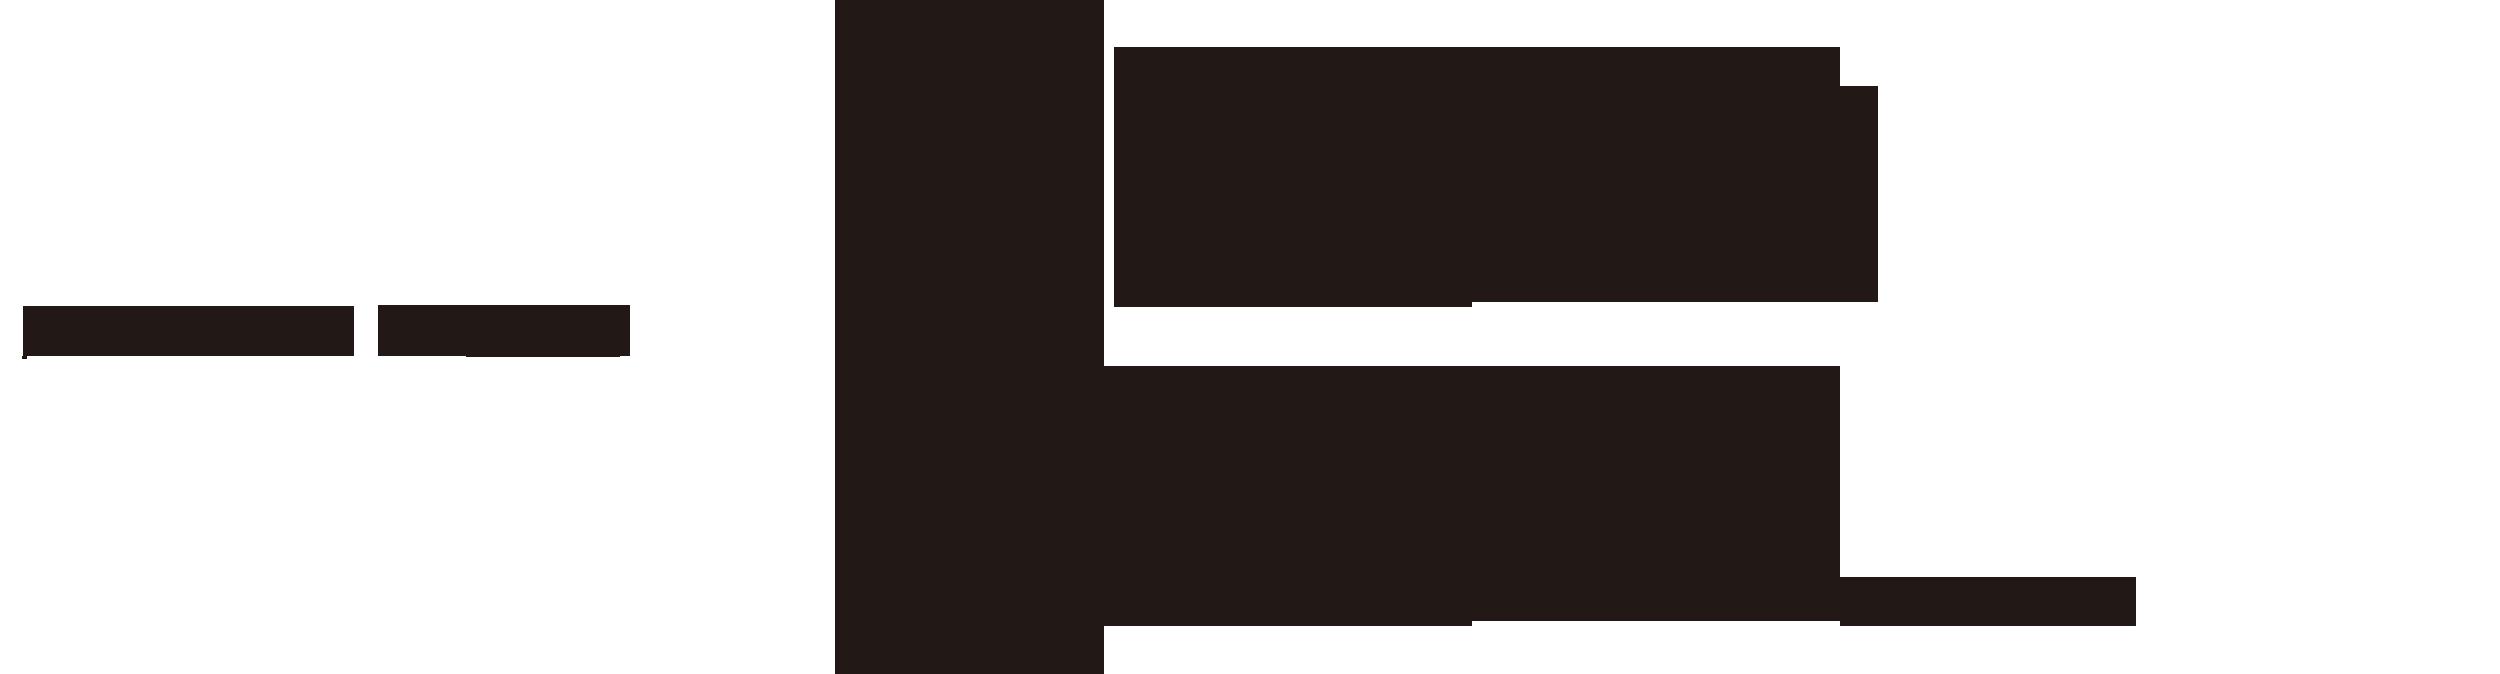 場所 沖縄県恩納村山田 363-1 お問い合わせ 098-989-0233 営業時間 OPEN 9:00~ CLOSE 17:00 定休日 木曜日・日曜日 HP http://glasstyuki.com Facebook https:www.facebook.com/tyukiglass